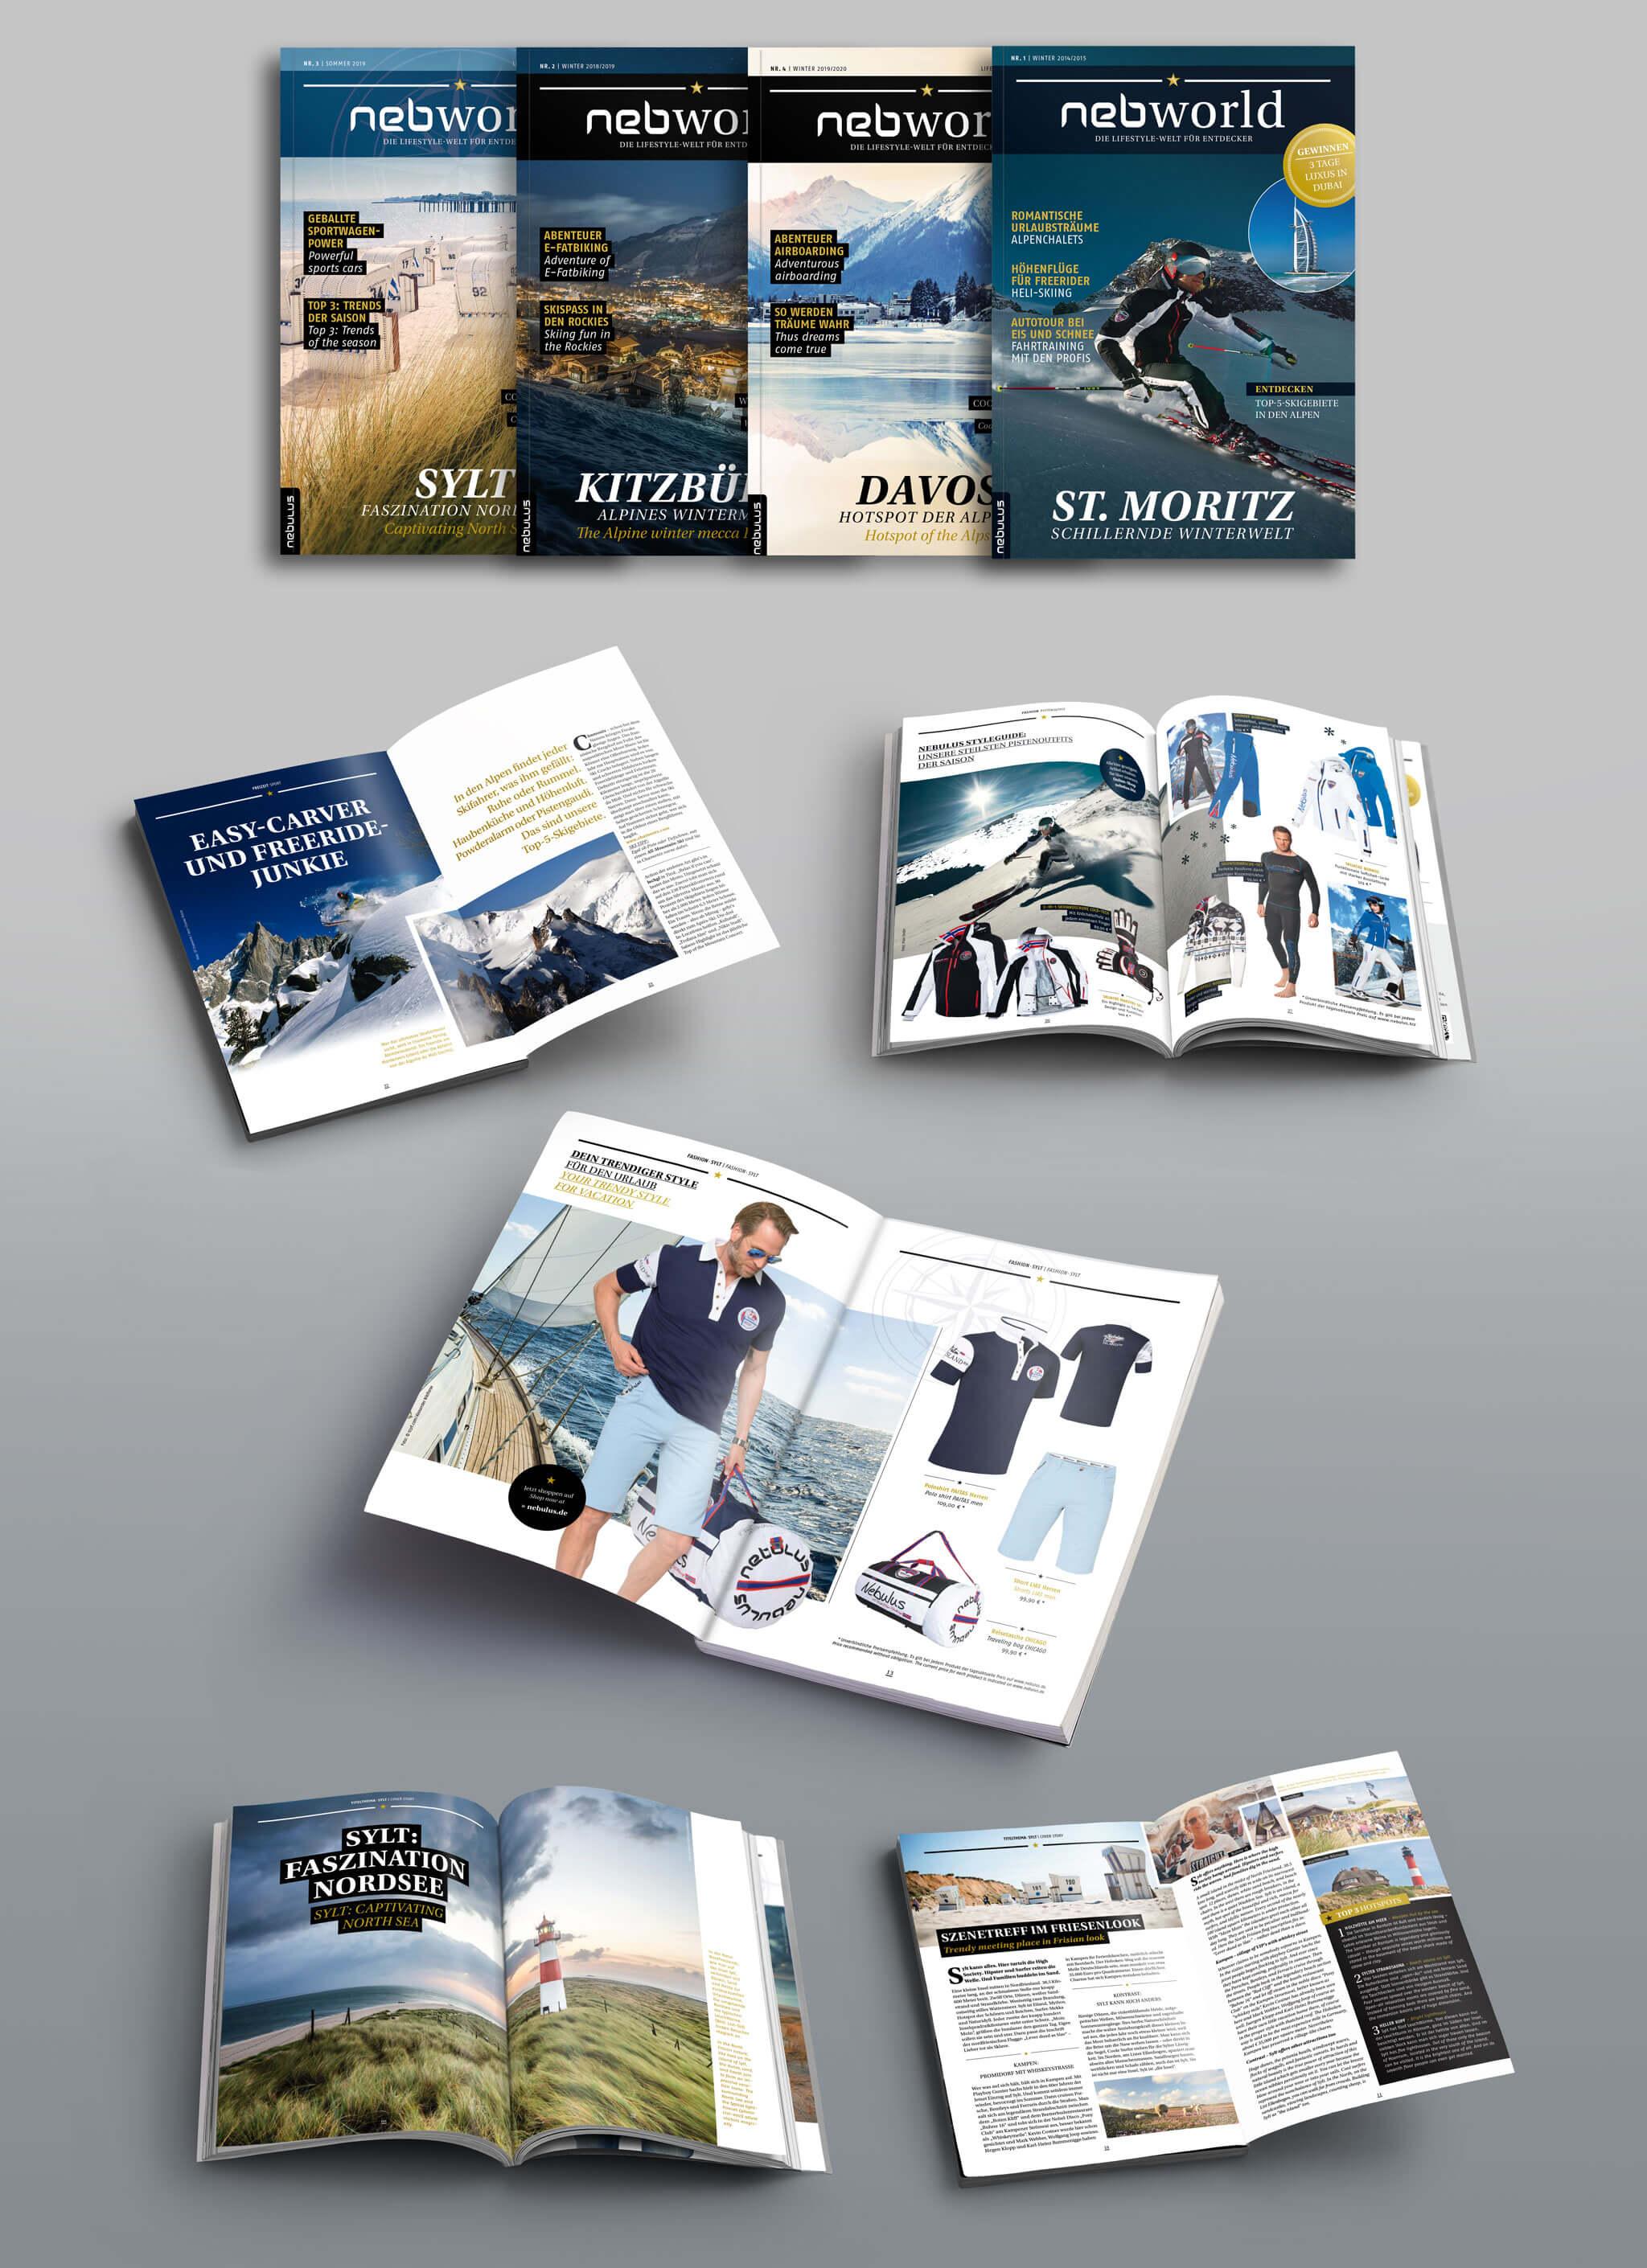 Nebulus Kundenmagazin nebworld | Agentur Ritter